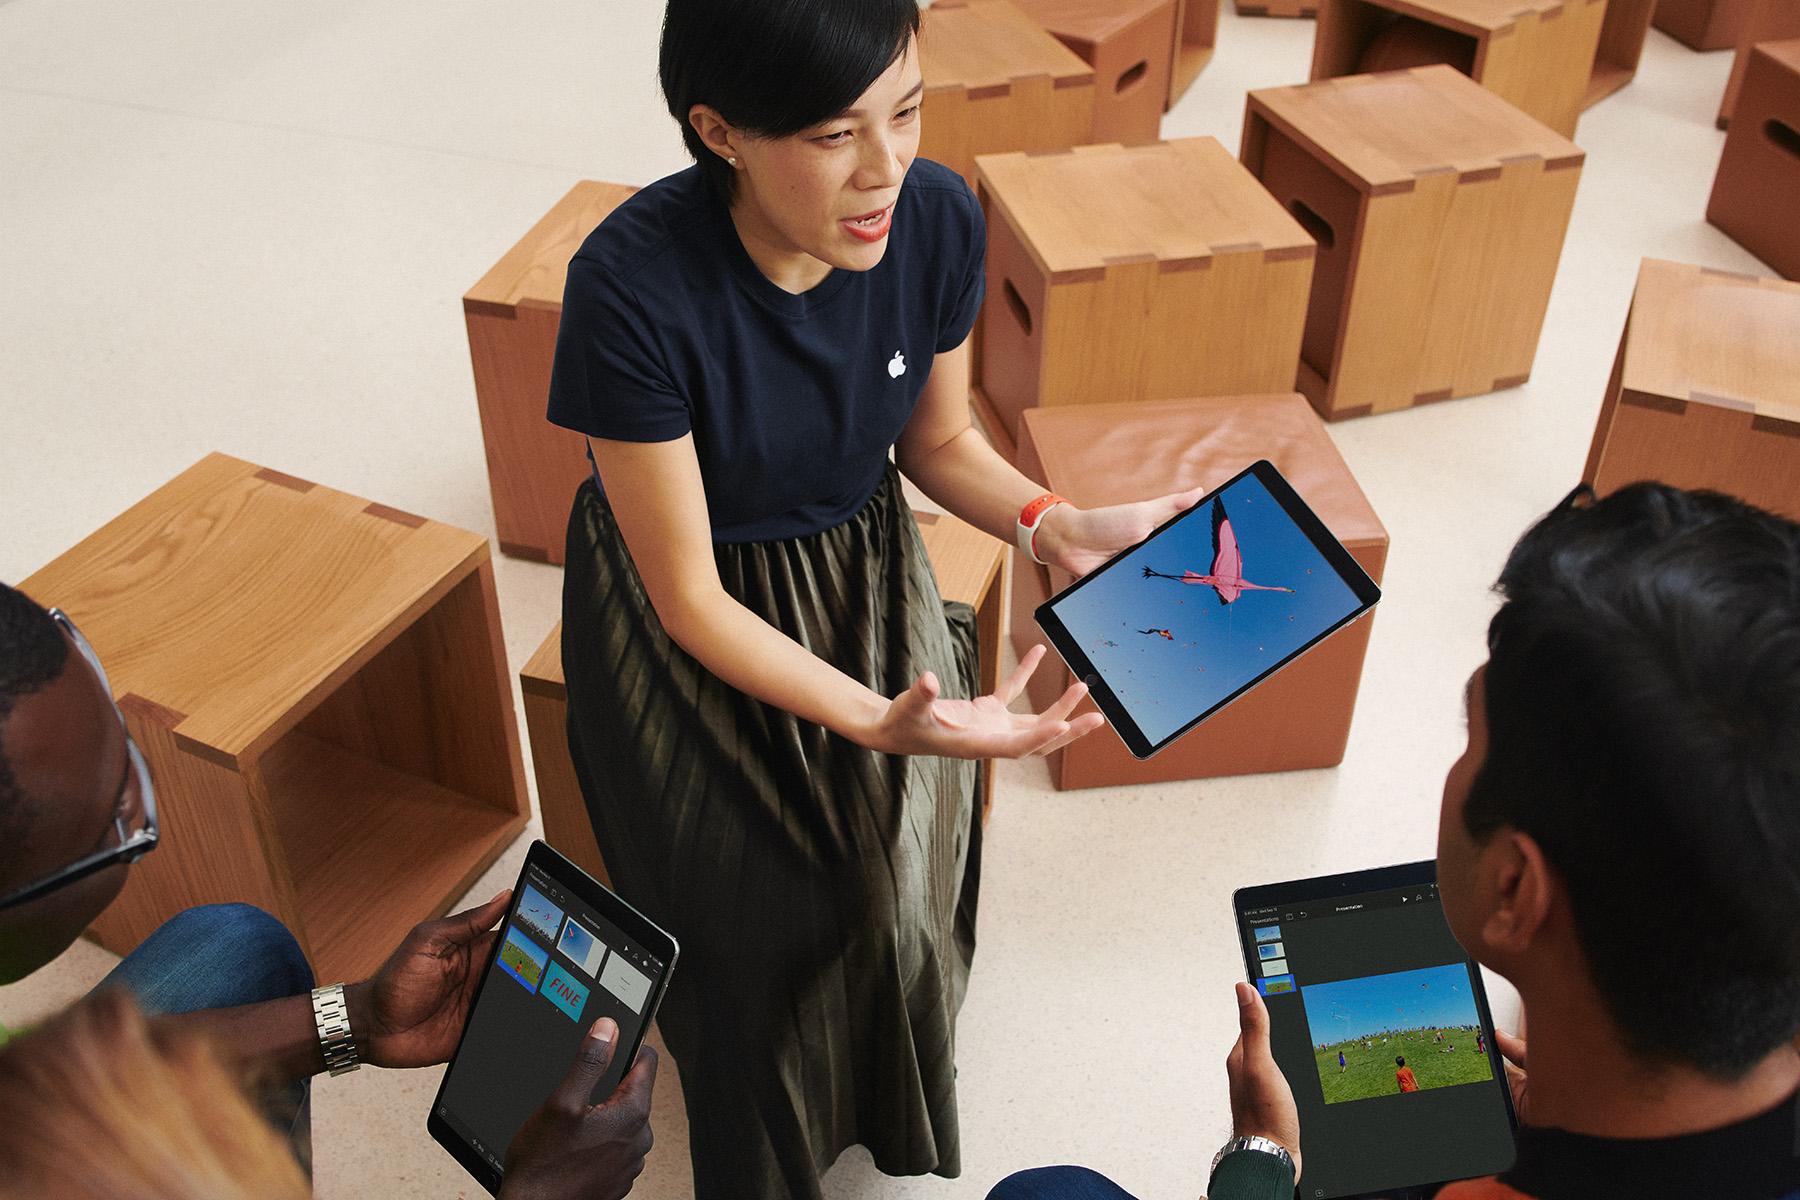 Leerkracht met iPad